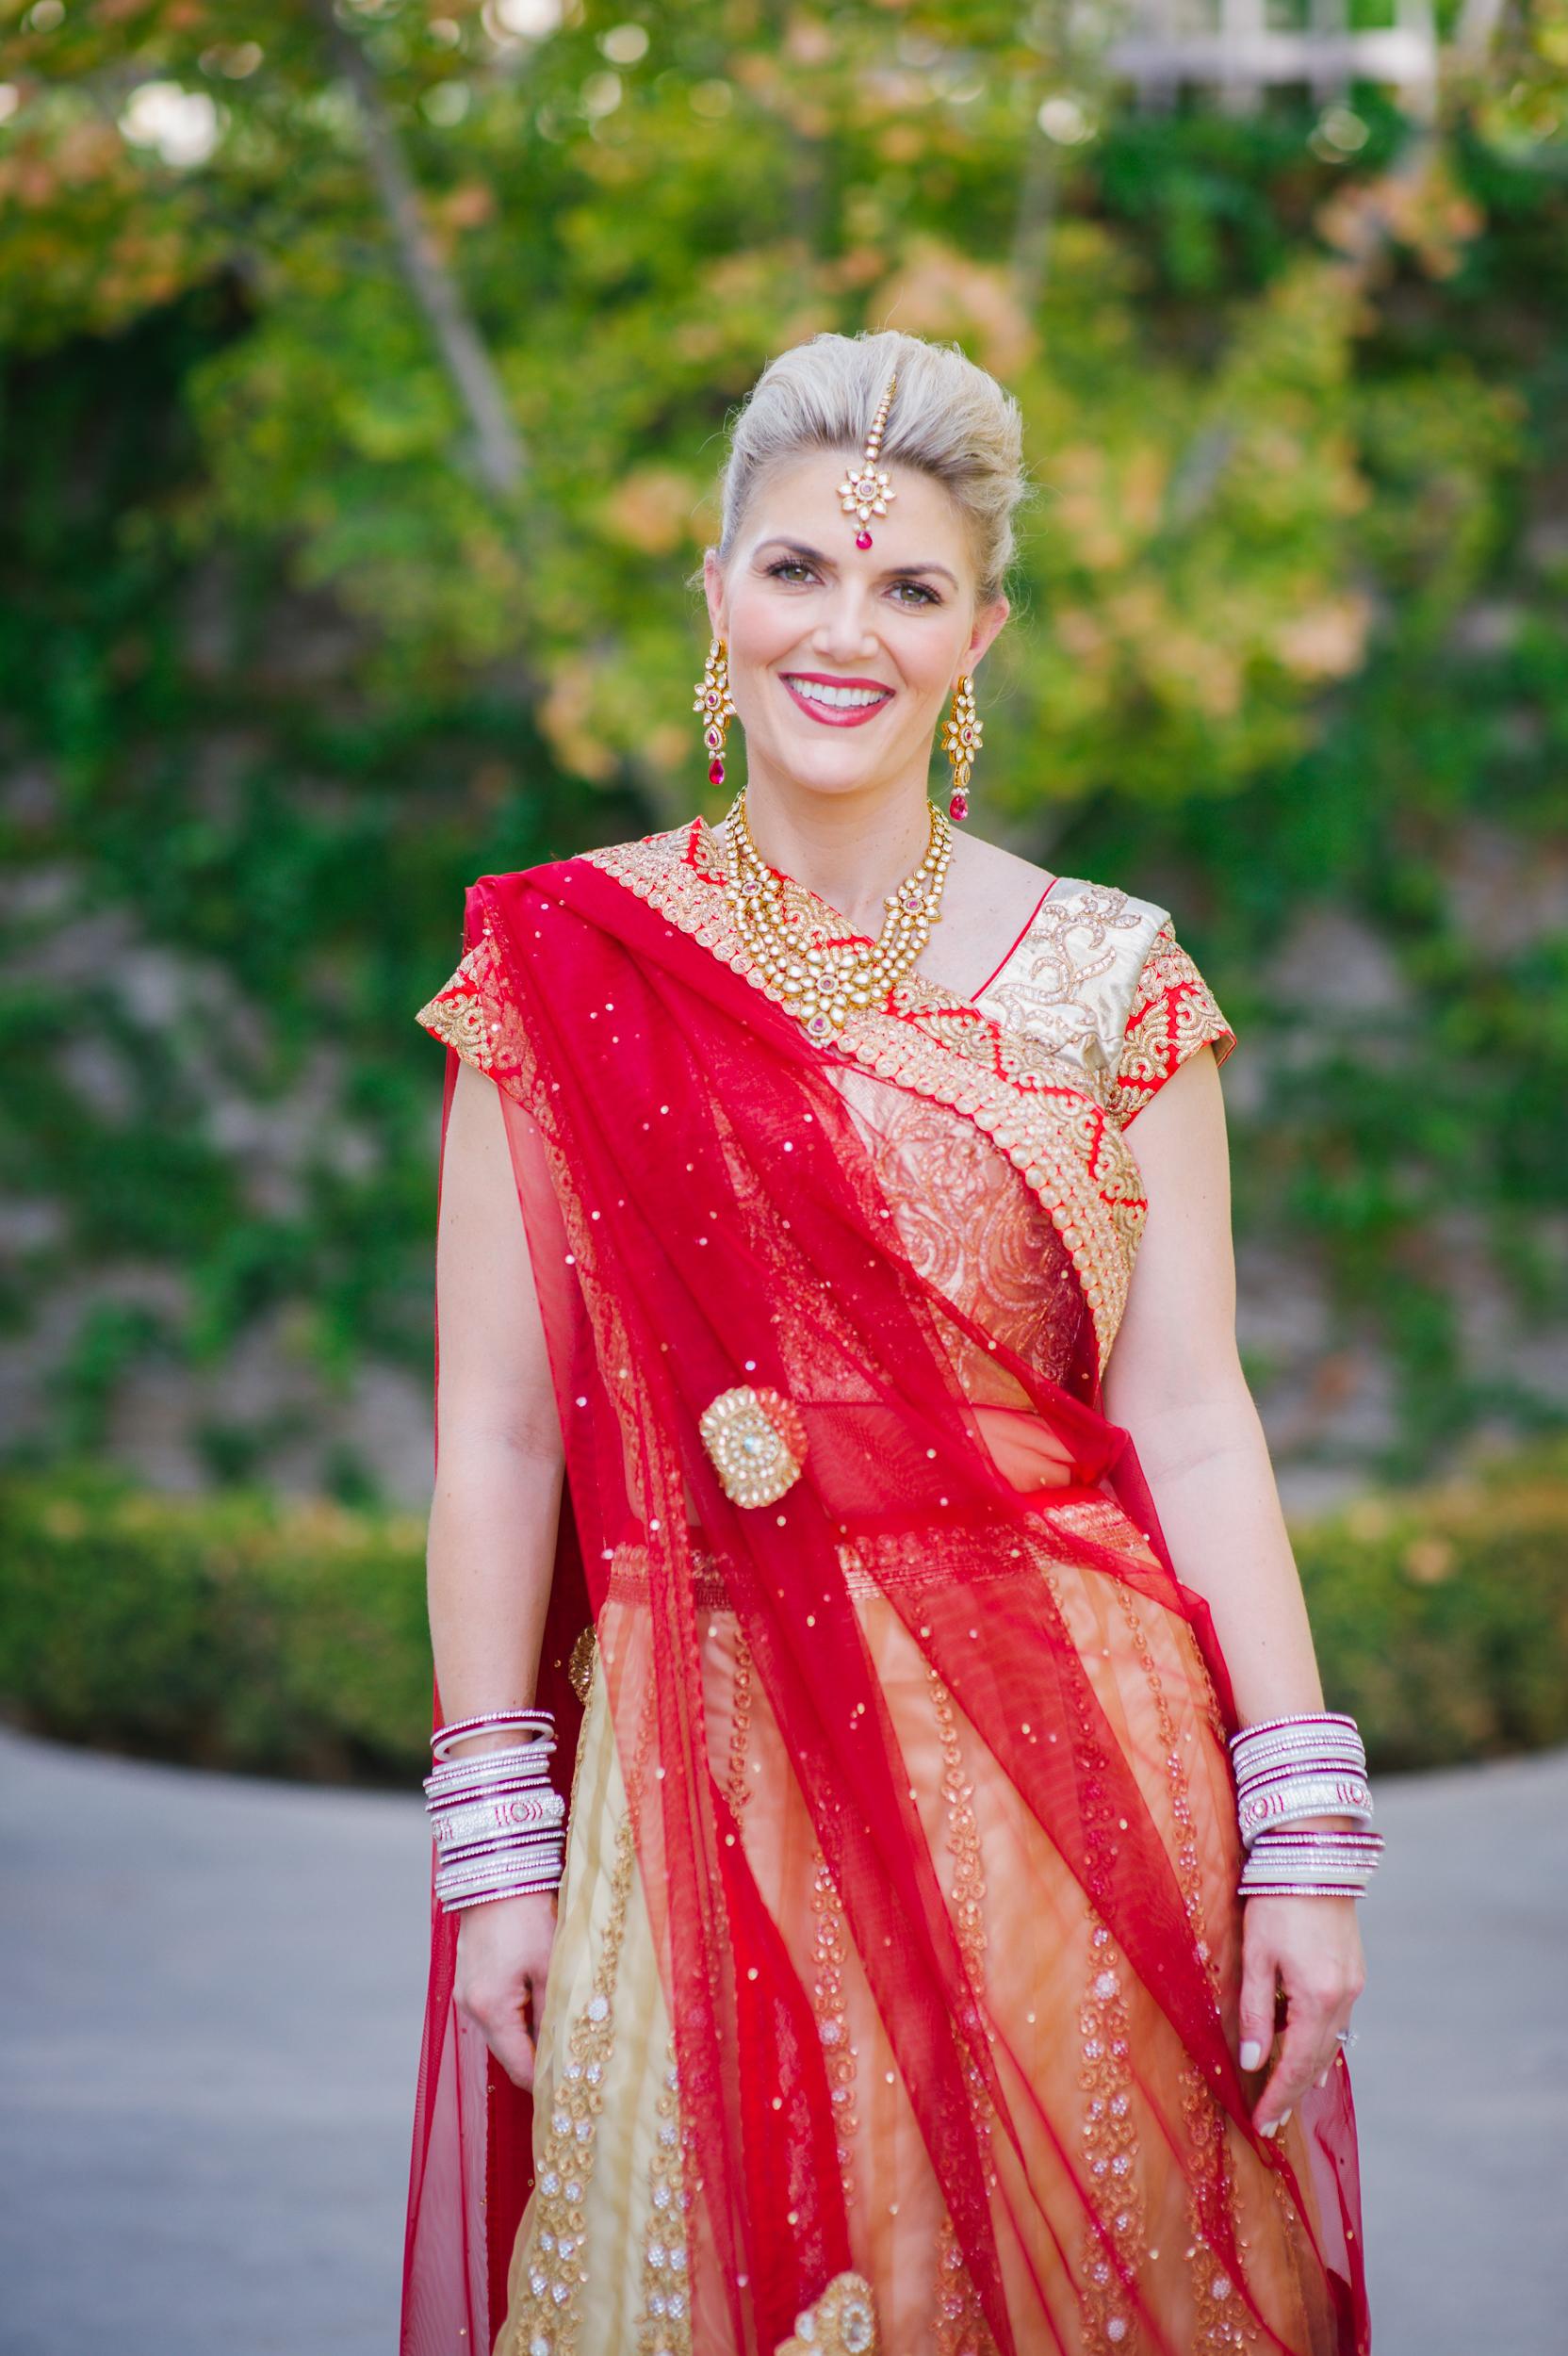 JKP_Indian_Weddings_0056.JPG